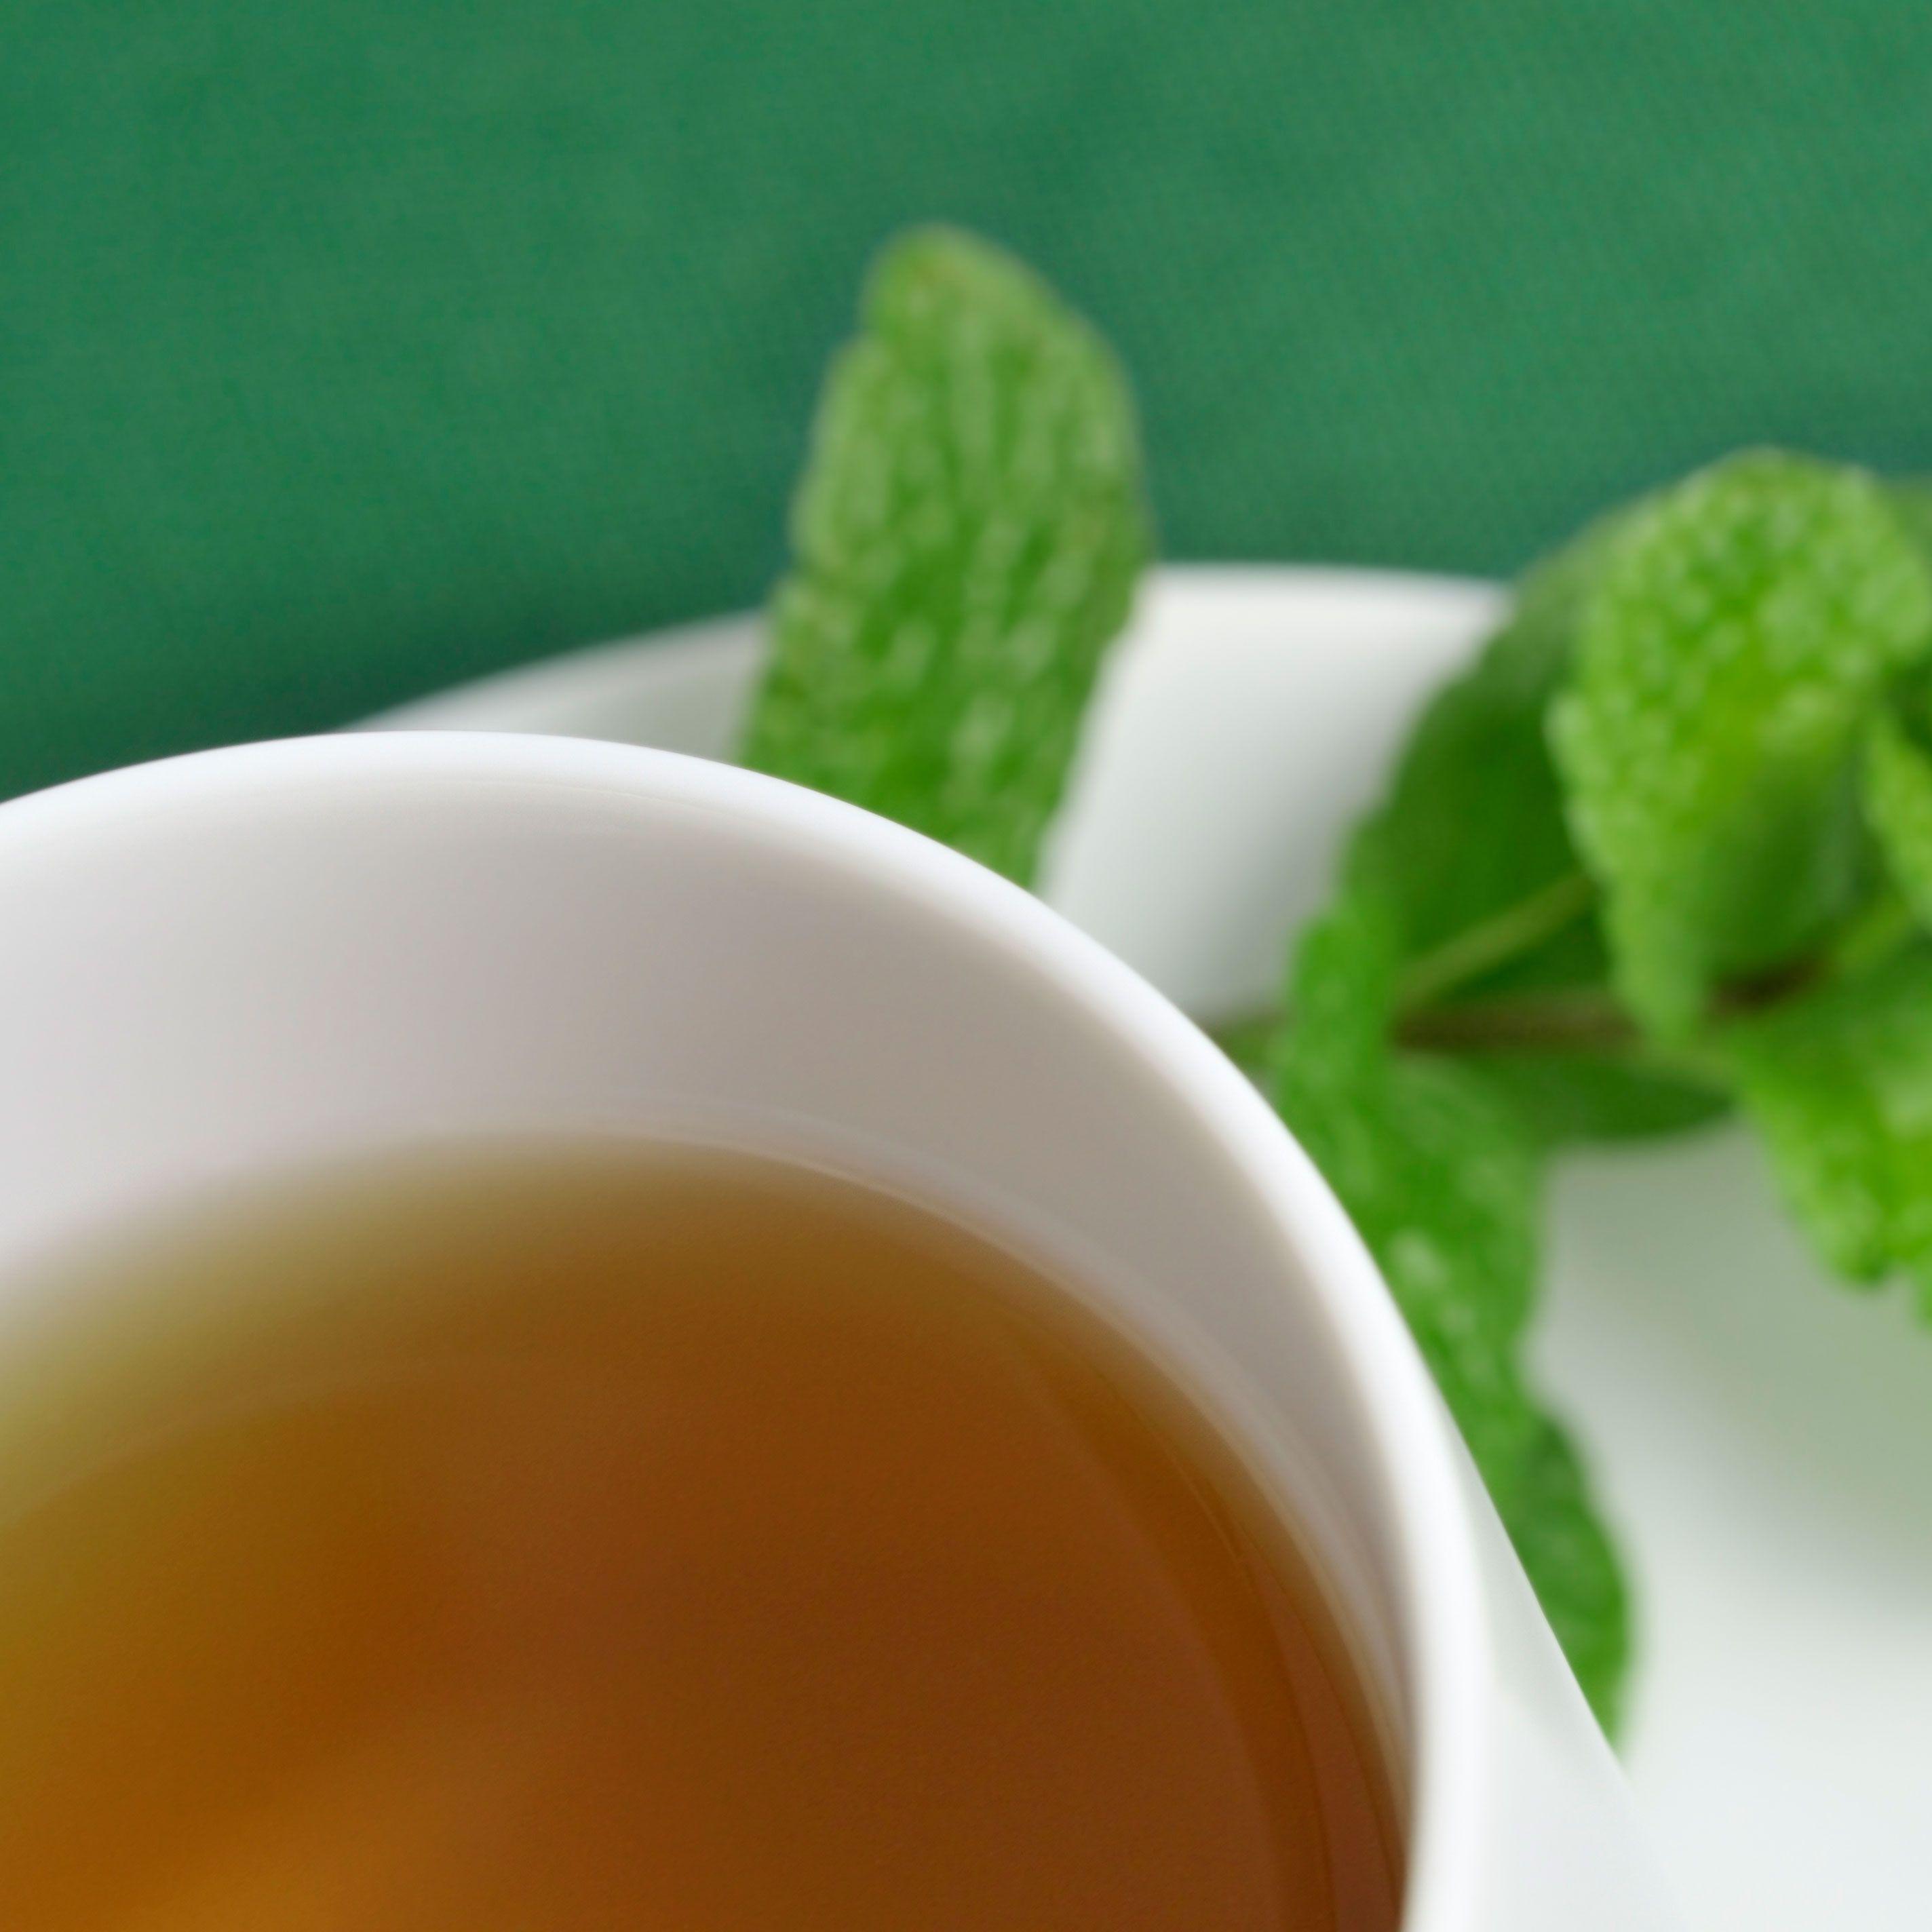 Tea is good for heart health